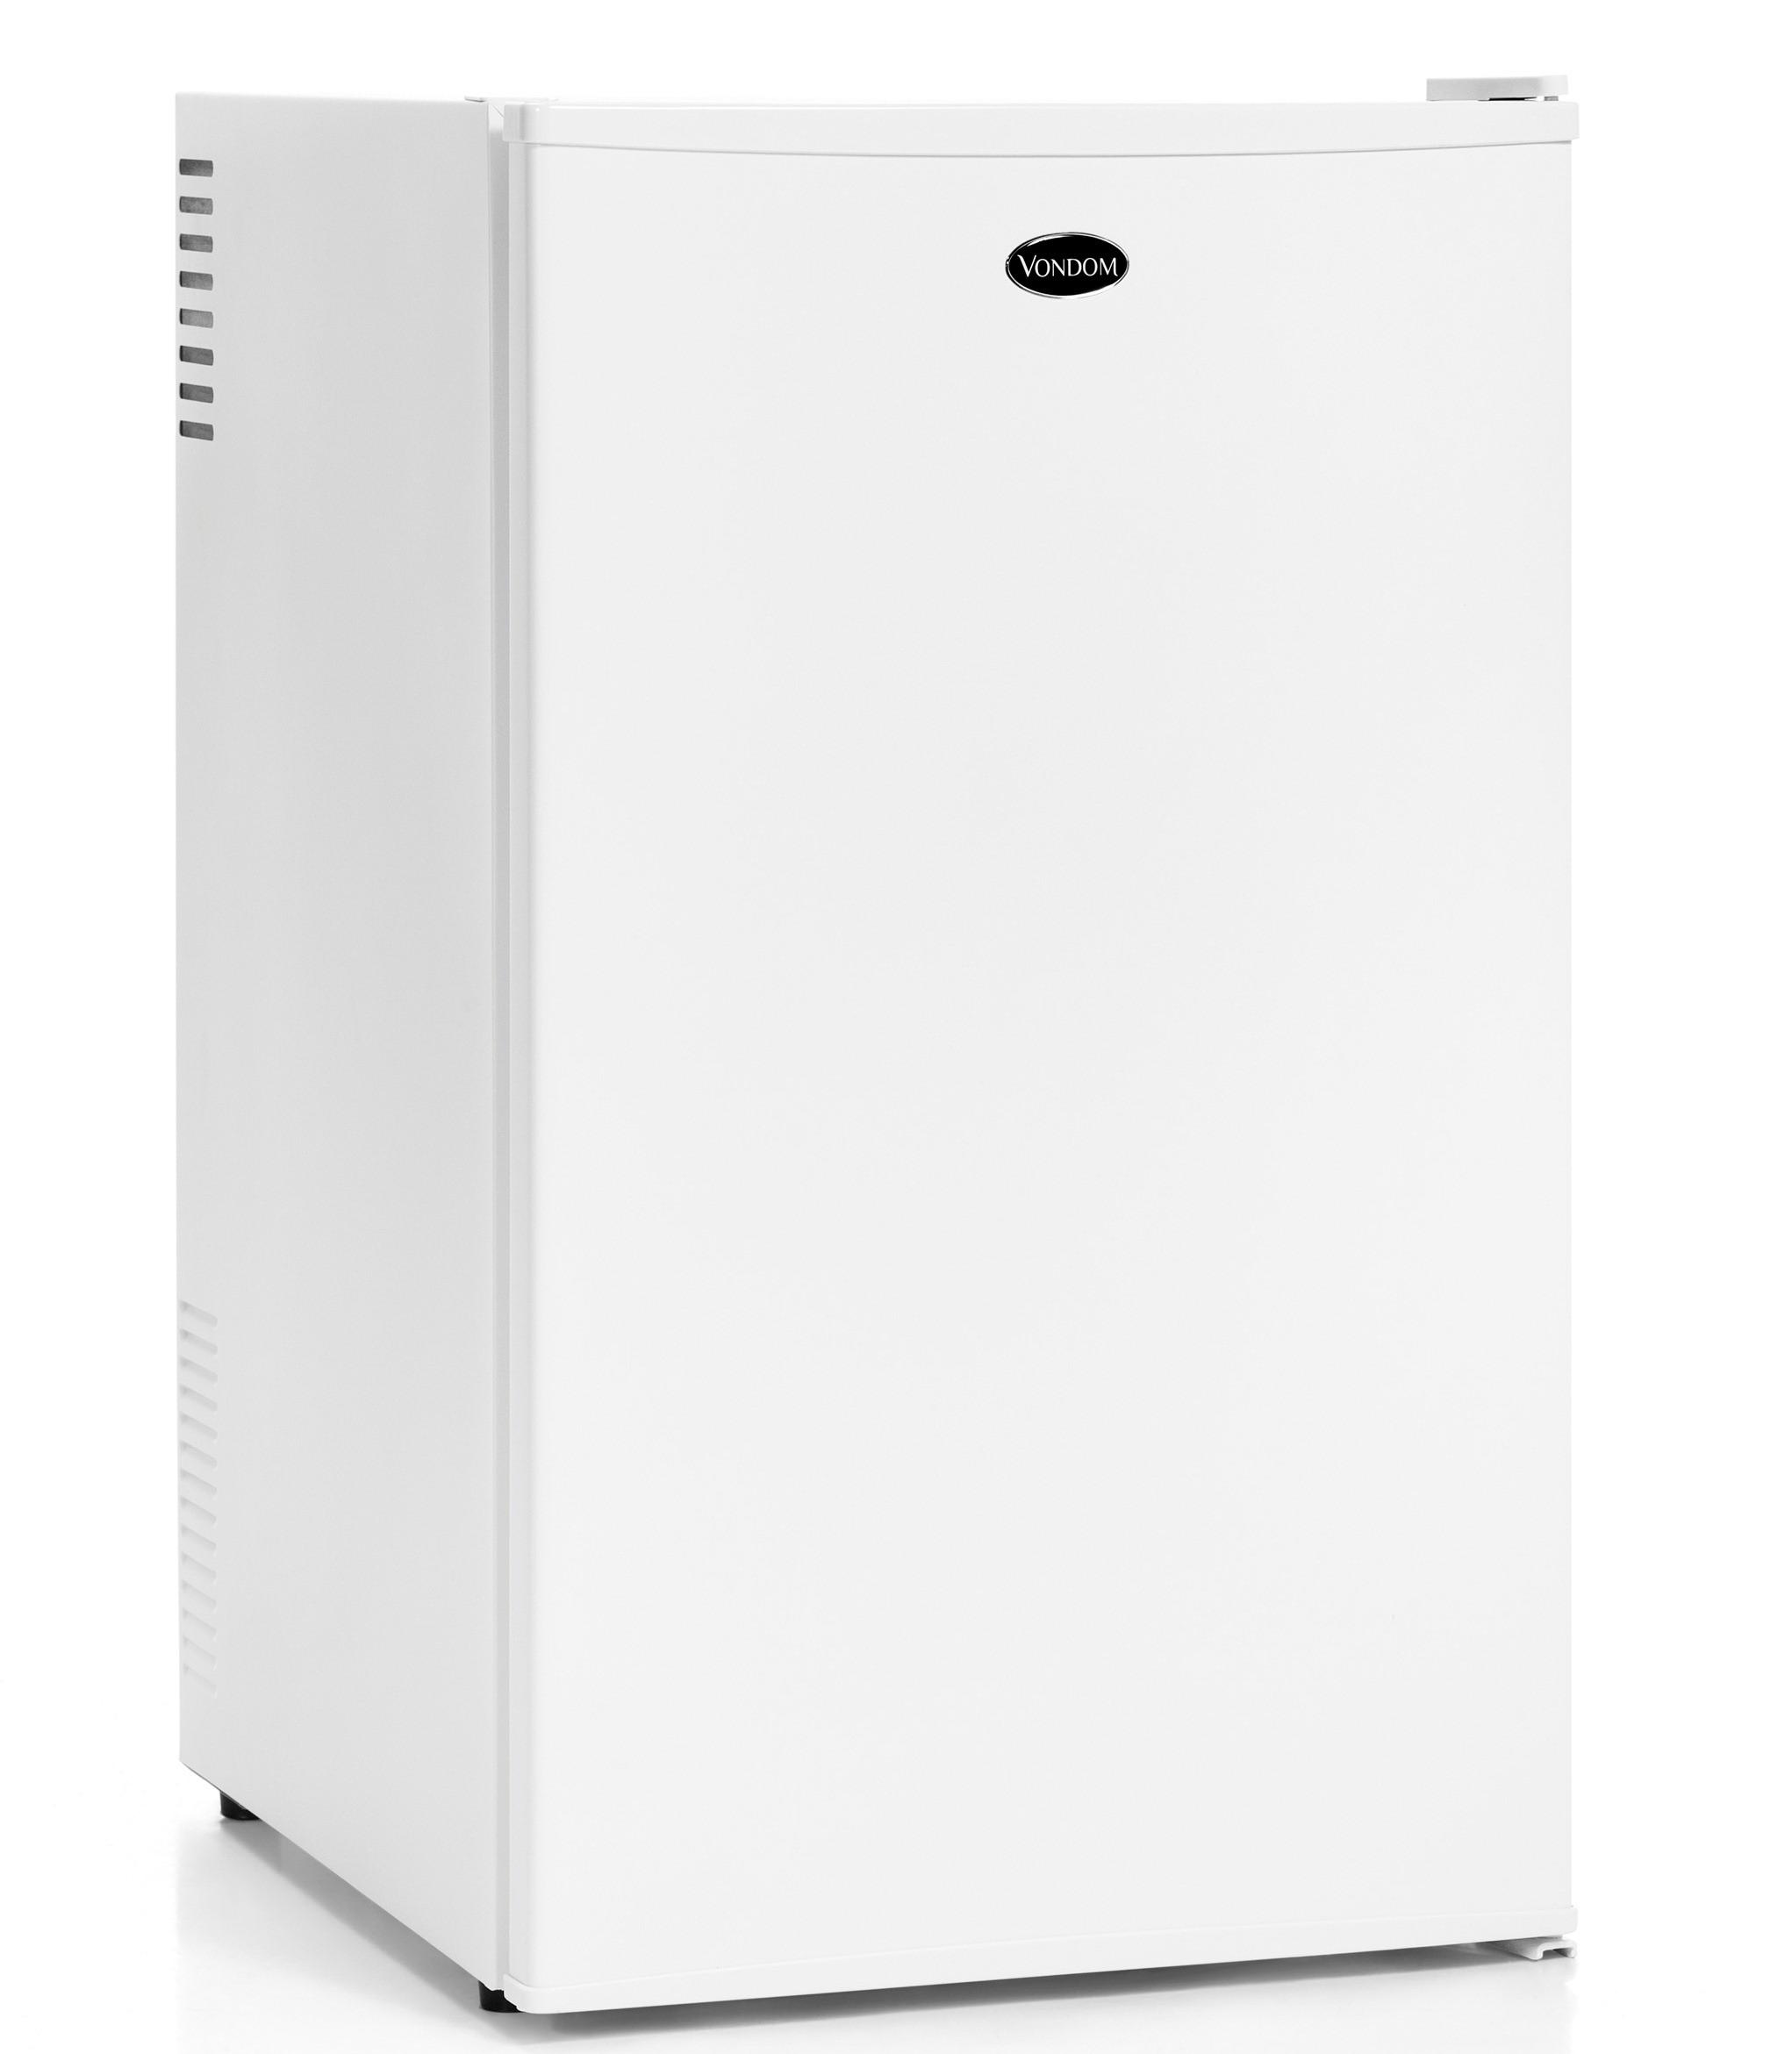 Refrigerador Vondom 70 litros Blanco RFG220